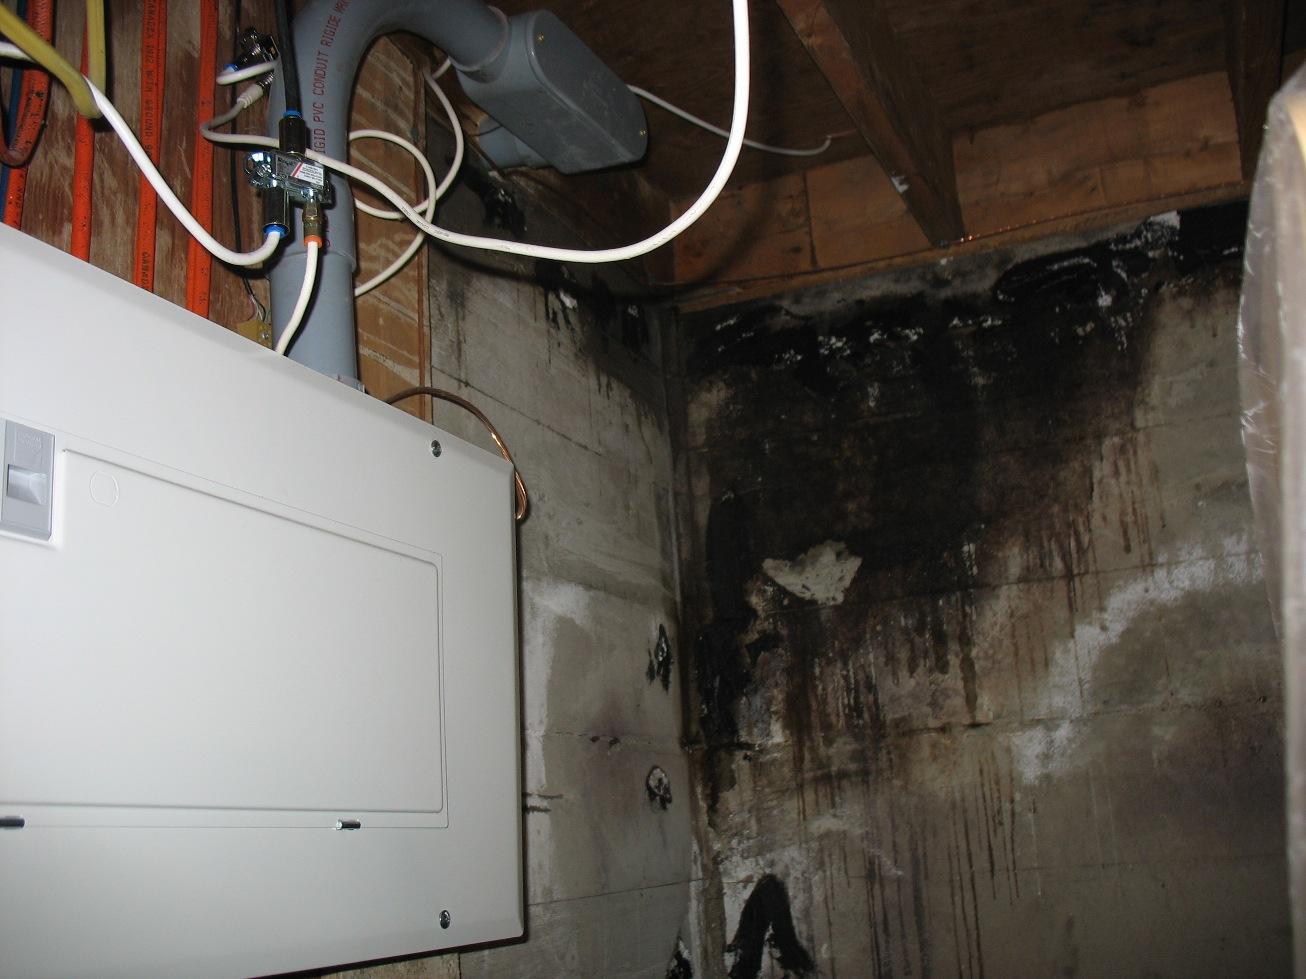 Faites le vous m me d contamination de moisissure - Infiltration sous sol maison ...